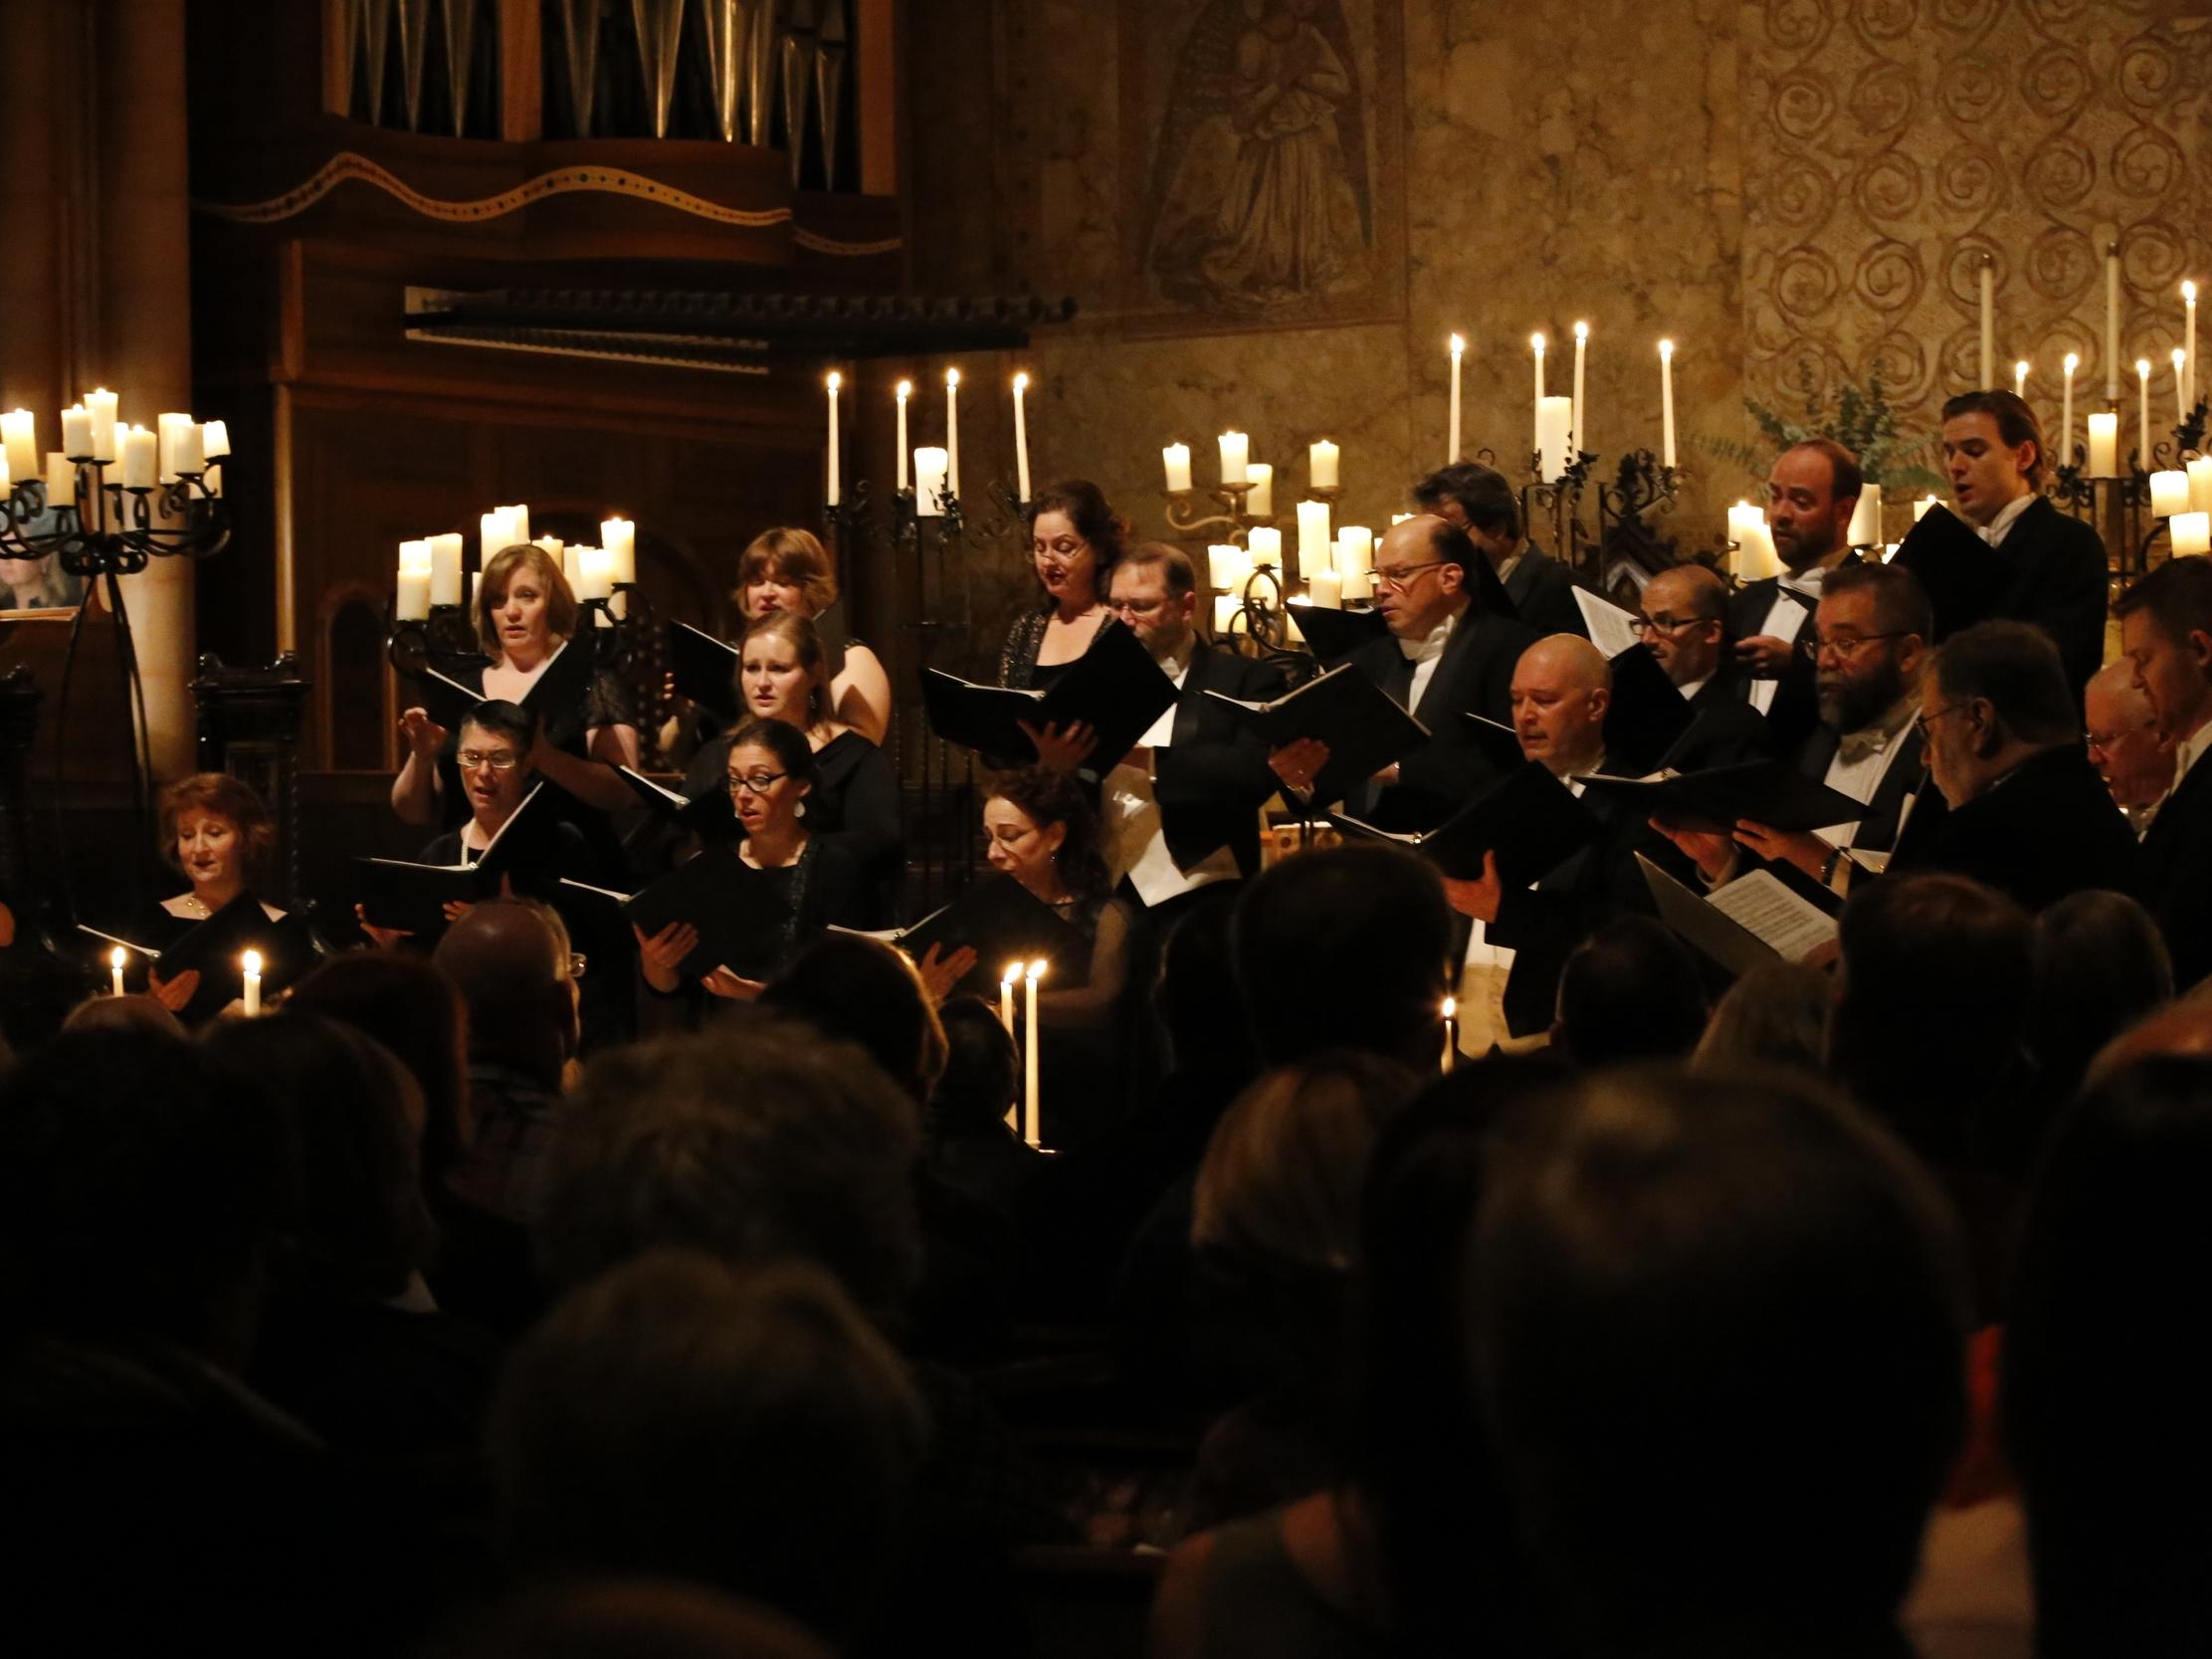 Candlelight Christmas Concert. Joey Solomon ©